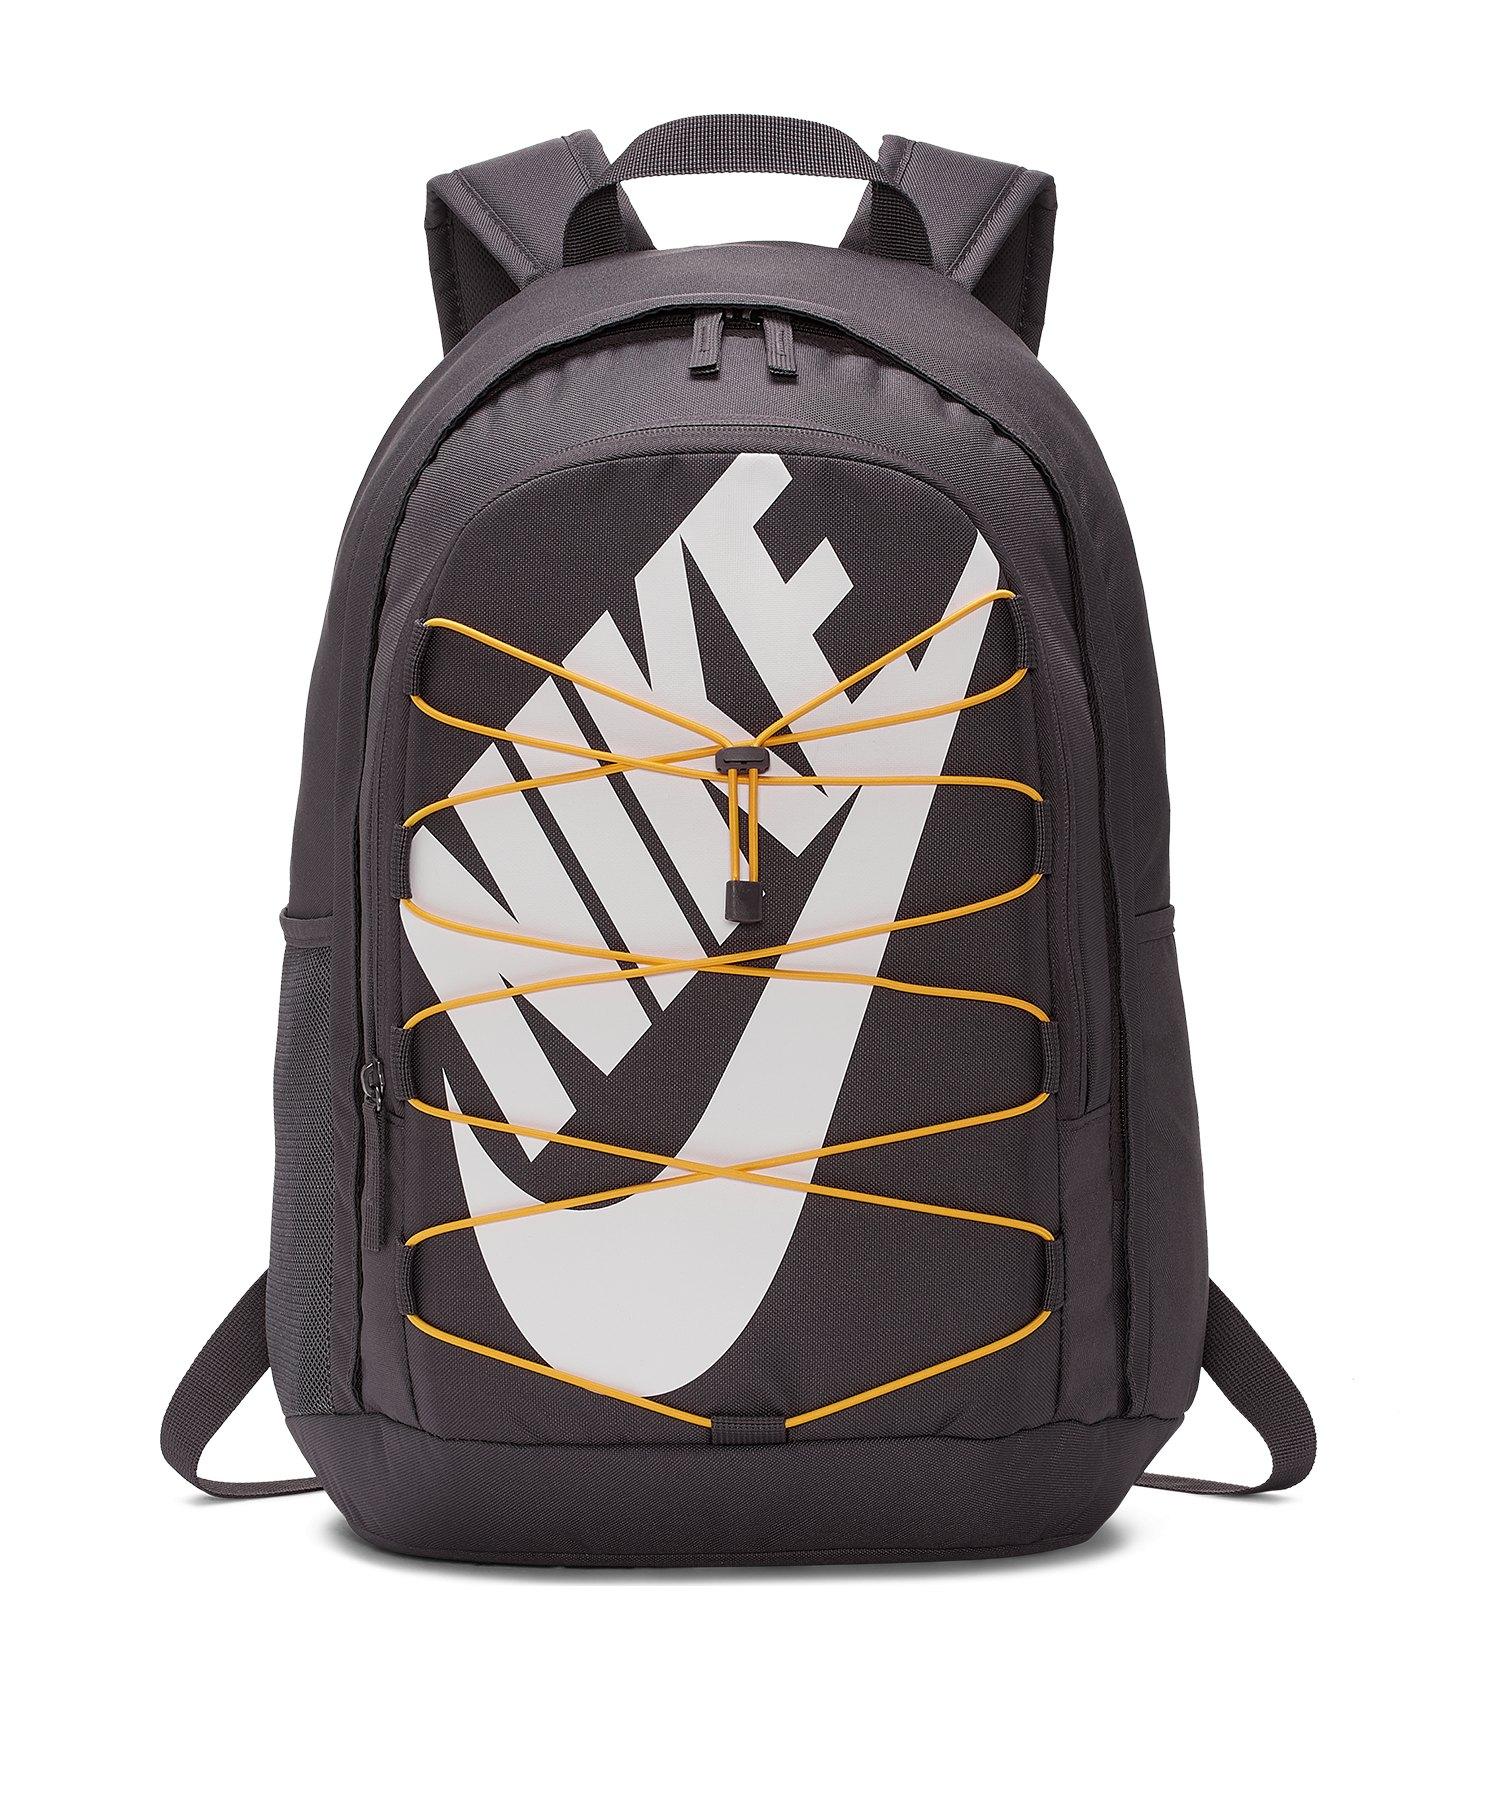 Nike Hayward 2.0 Backpack Rucksack Grau F082 - grau